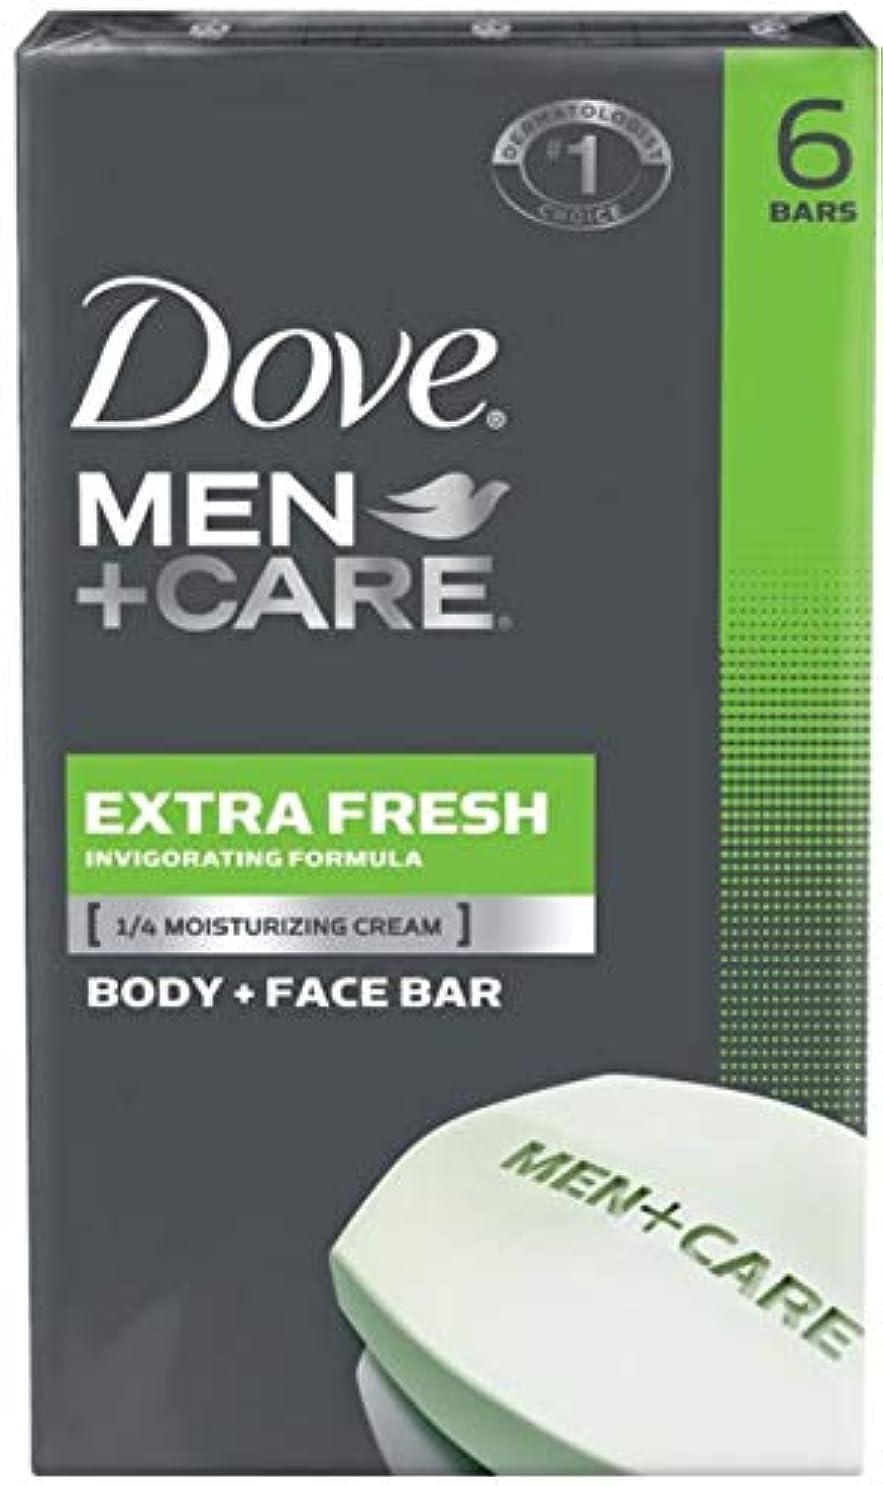 気になる顕現効率的にDove Men + Care Body and Face Bar, Extra Fresh 4oz x 6soaps ダブ メン プラスケア エクストラフレッシュ 固形石鹸 4oz x 6個パック